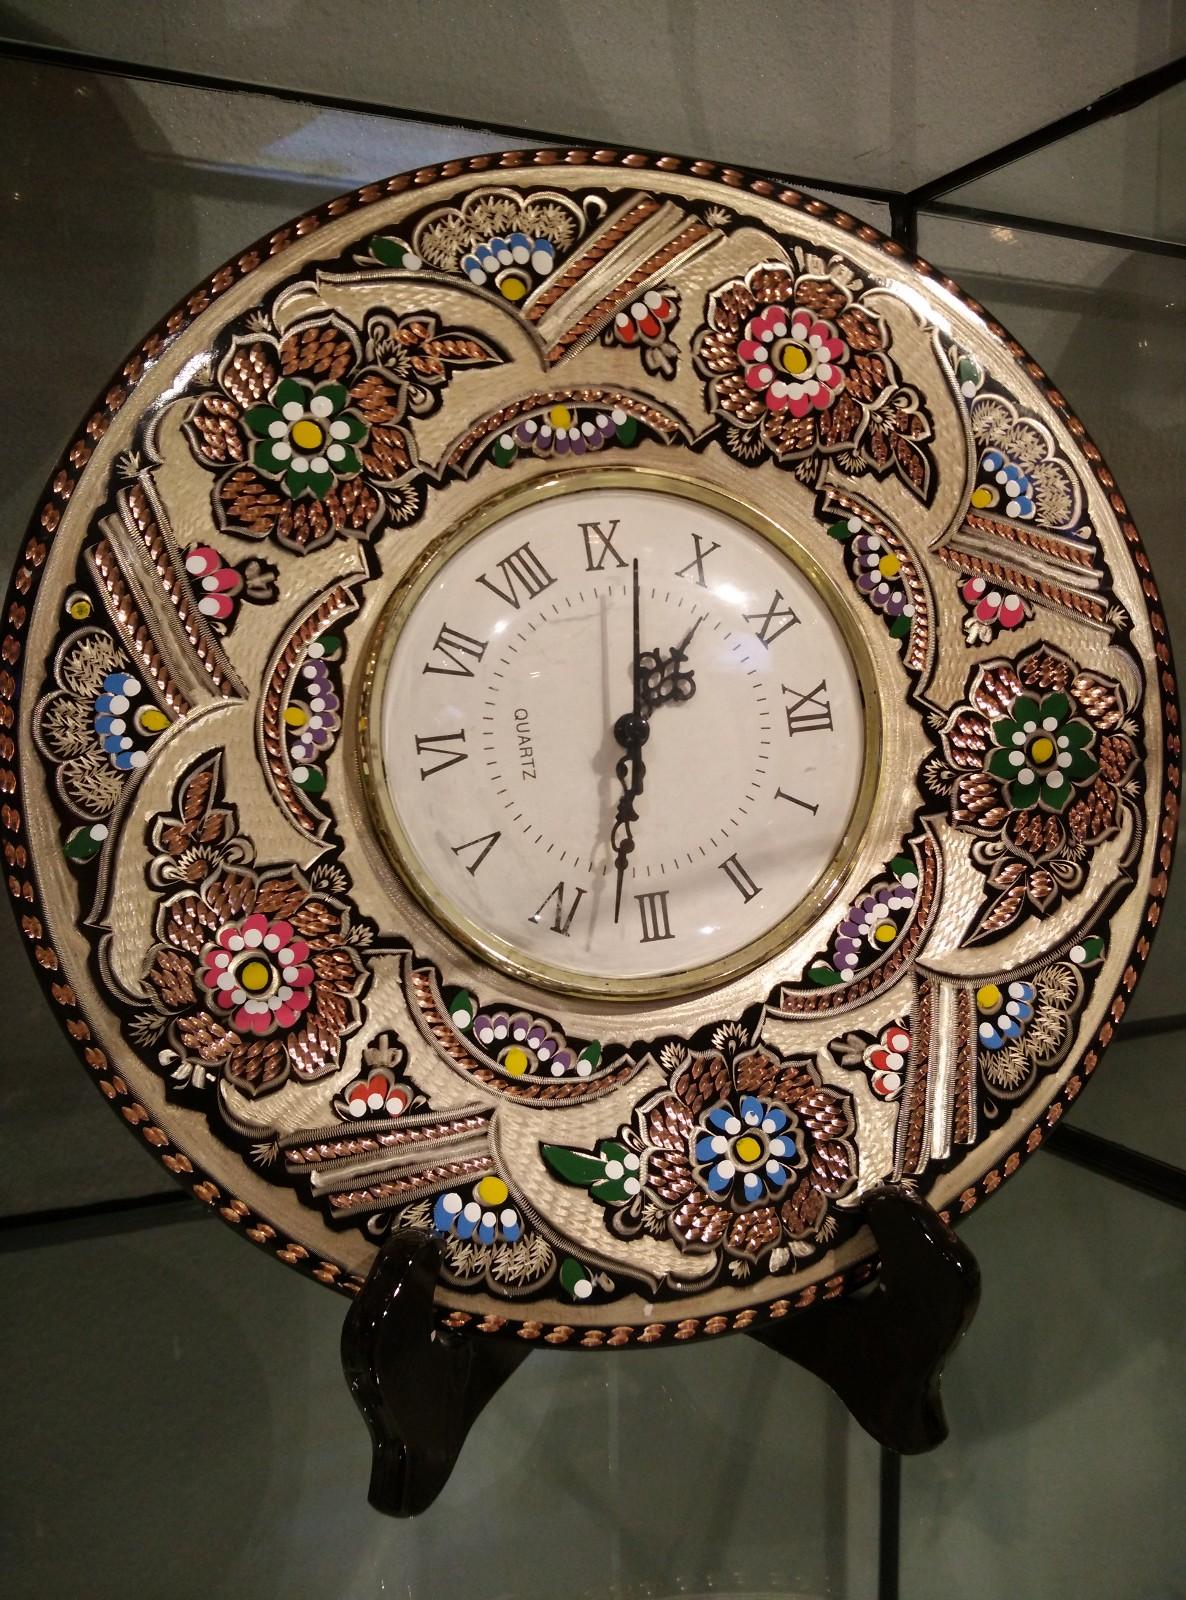 土耳其钟表图片一